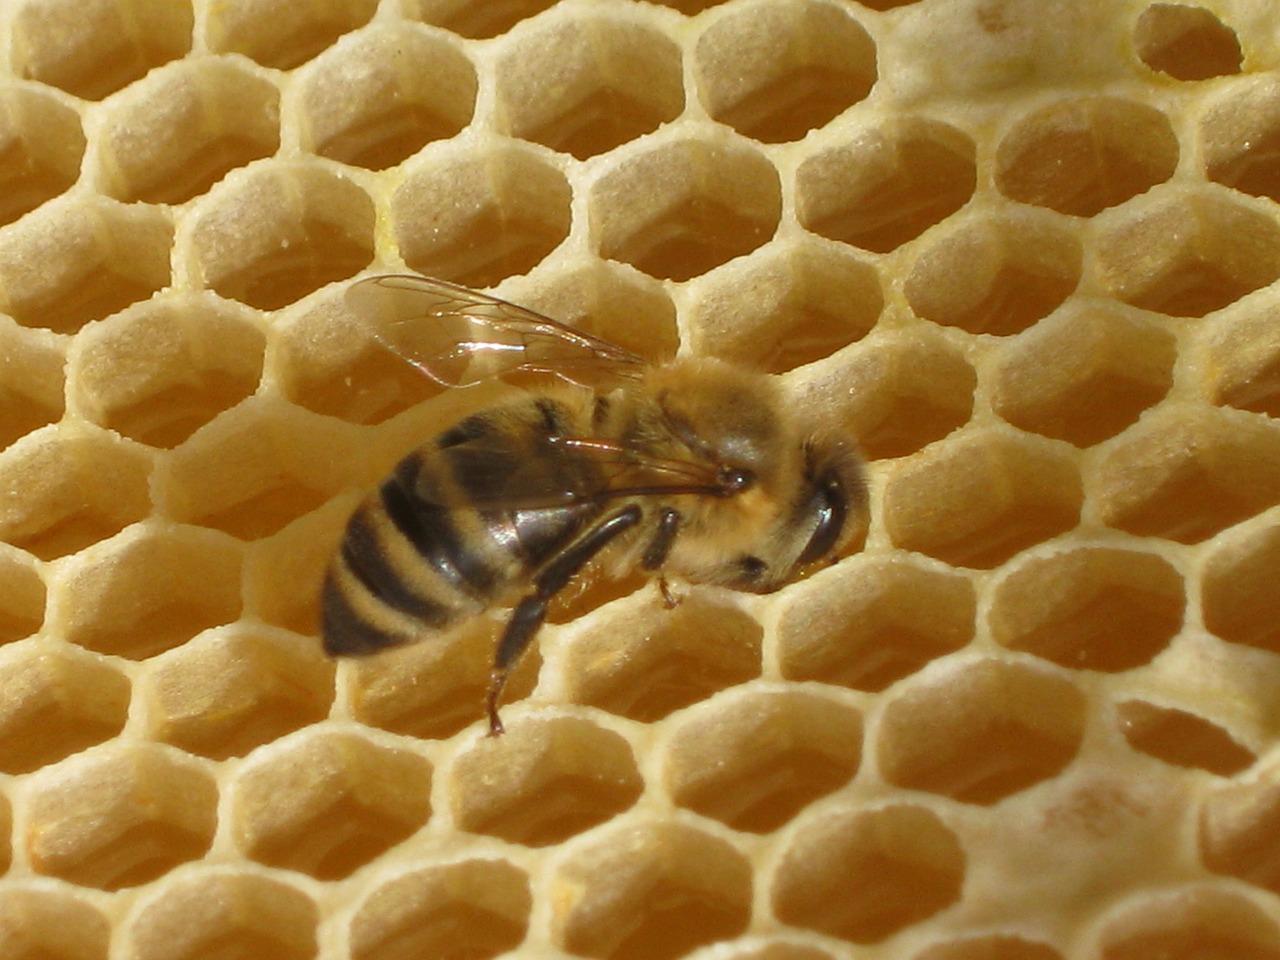 центре картинка соты с пчелами того